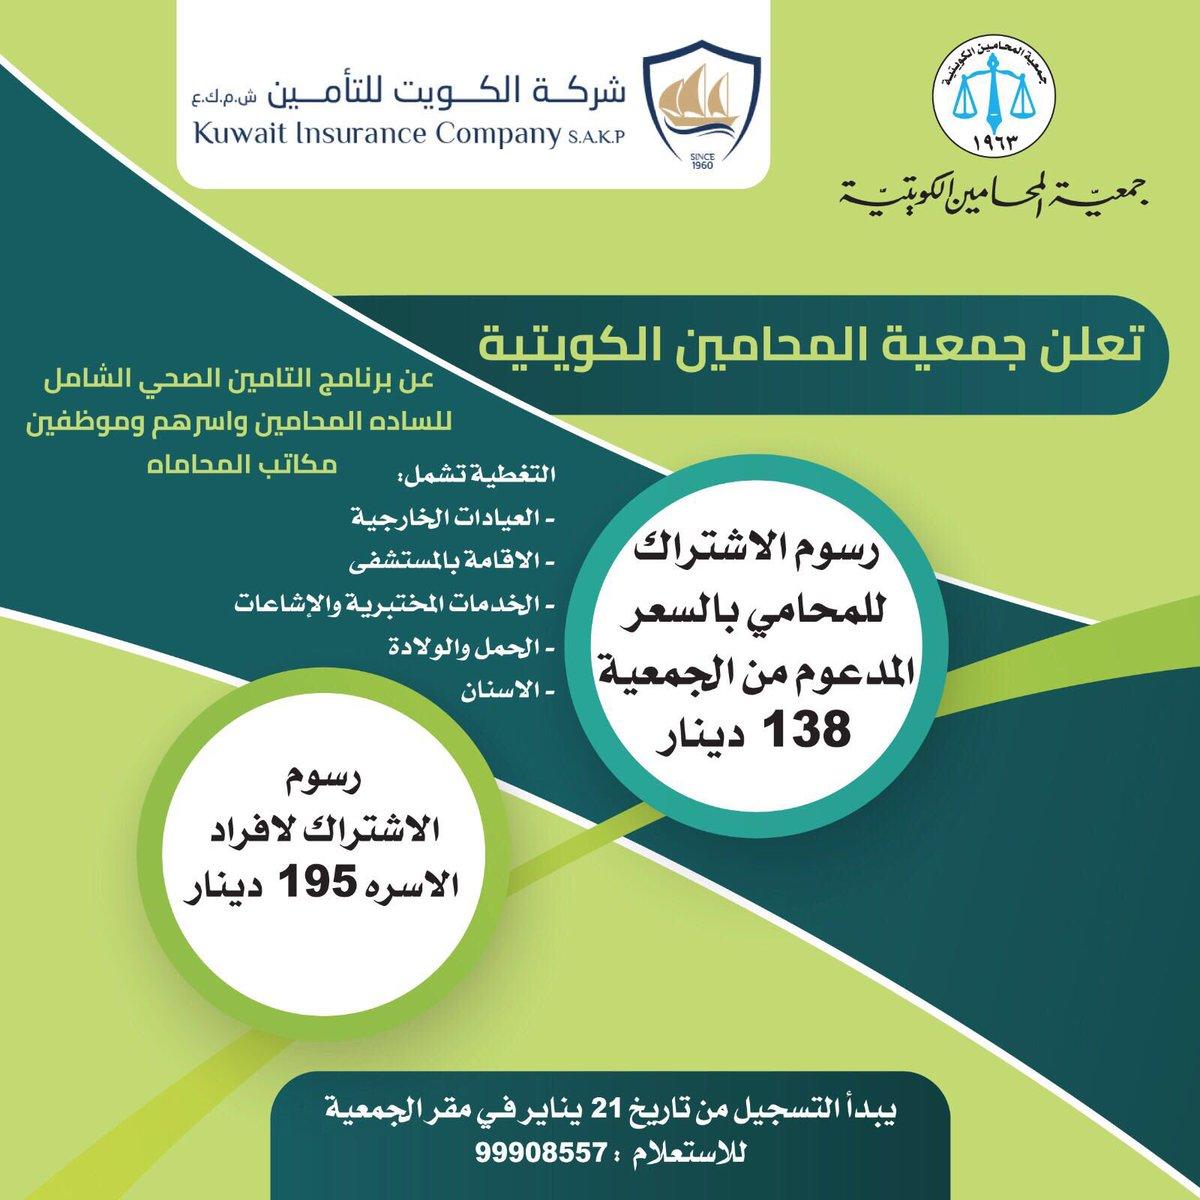 تعلن #جمعية_المحامين_الكويتية عن بدء التسجيل في برنامج التأمين الصحي الشامل للسادة المحامين و أسرهم إعتباراً من يوم غداً الأحد 21-1-2018pic.twitter.com/QTdFOr0sKk